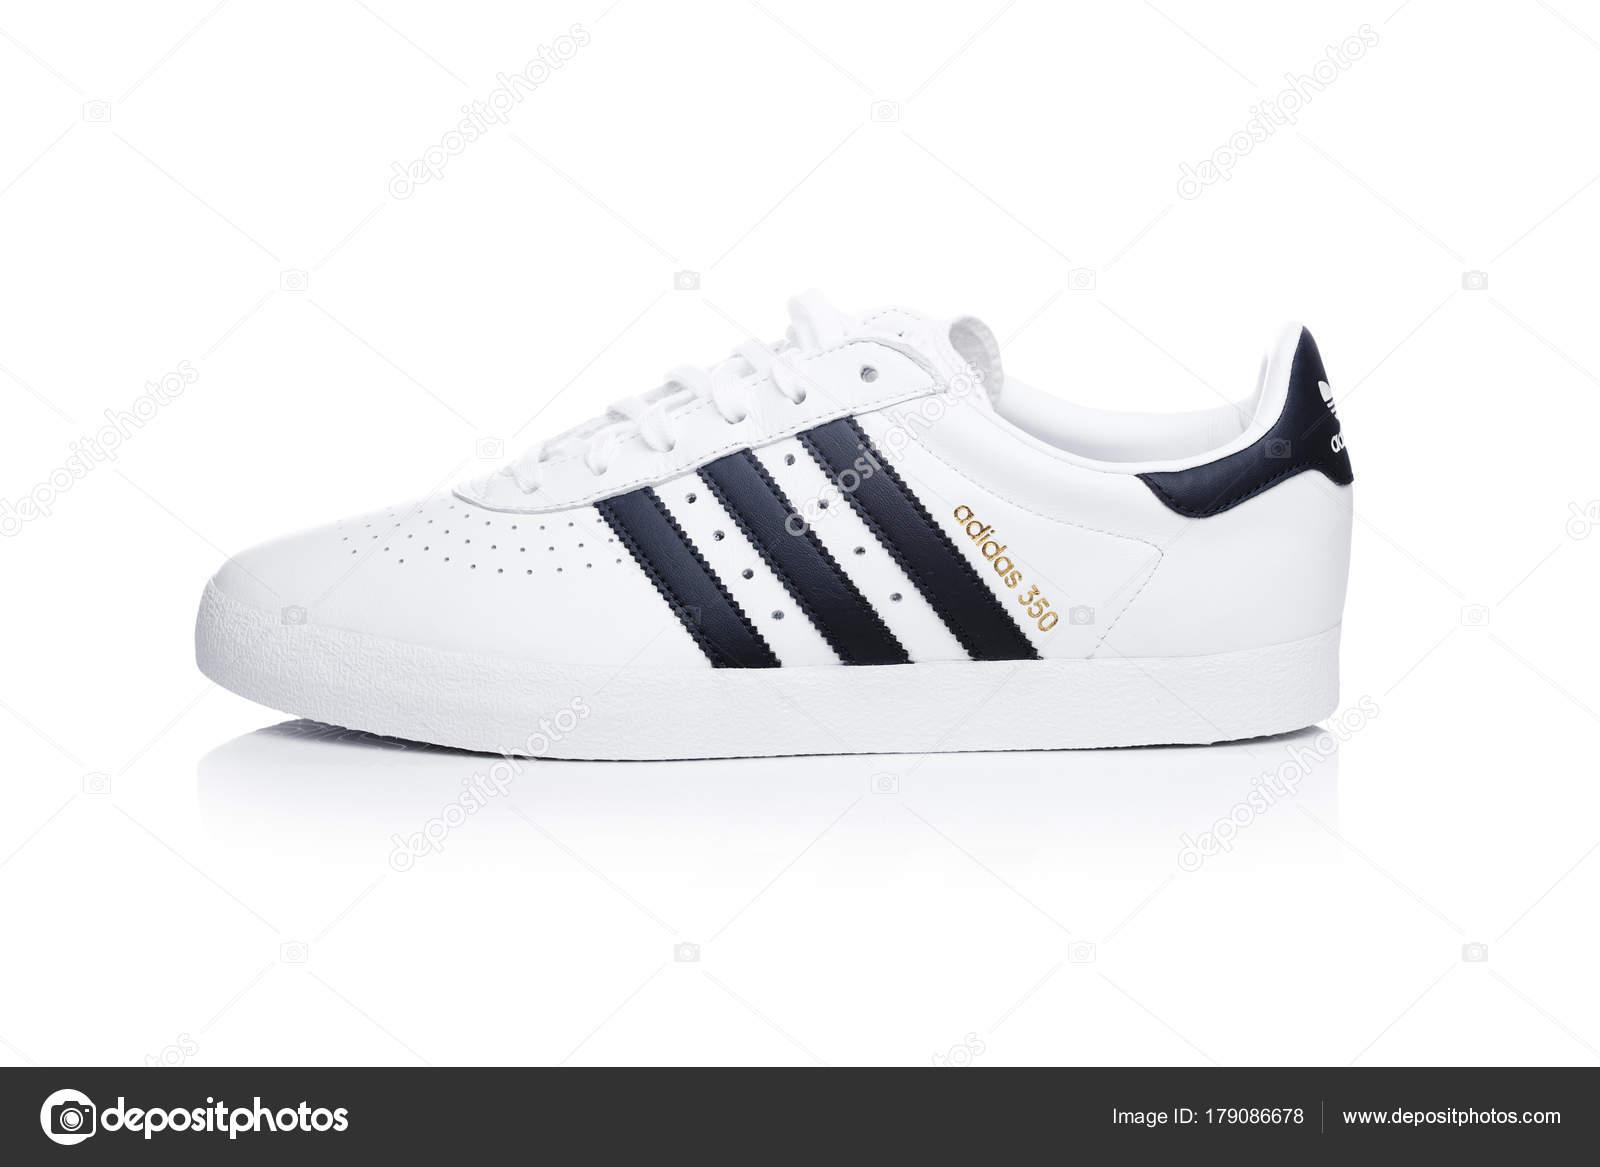 adidas free scarpe 2018